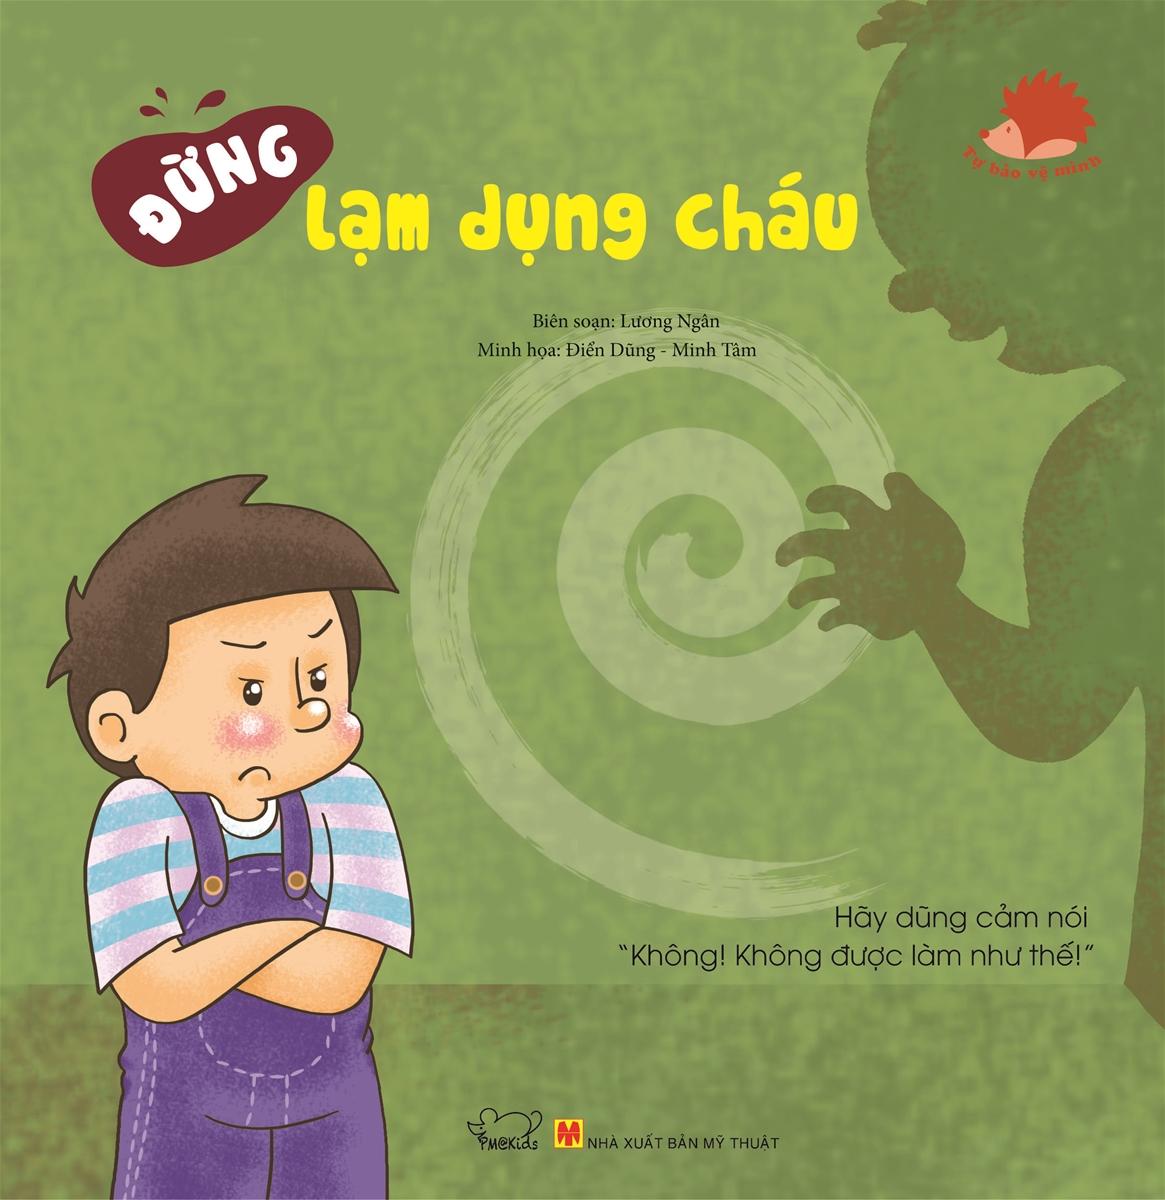 Tự Bảo Vệ Mình - Đừng Lạm Dụng Cháu - EBOOK/PDF/PRC/EPUB